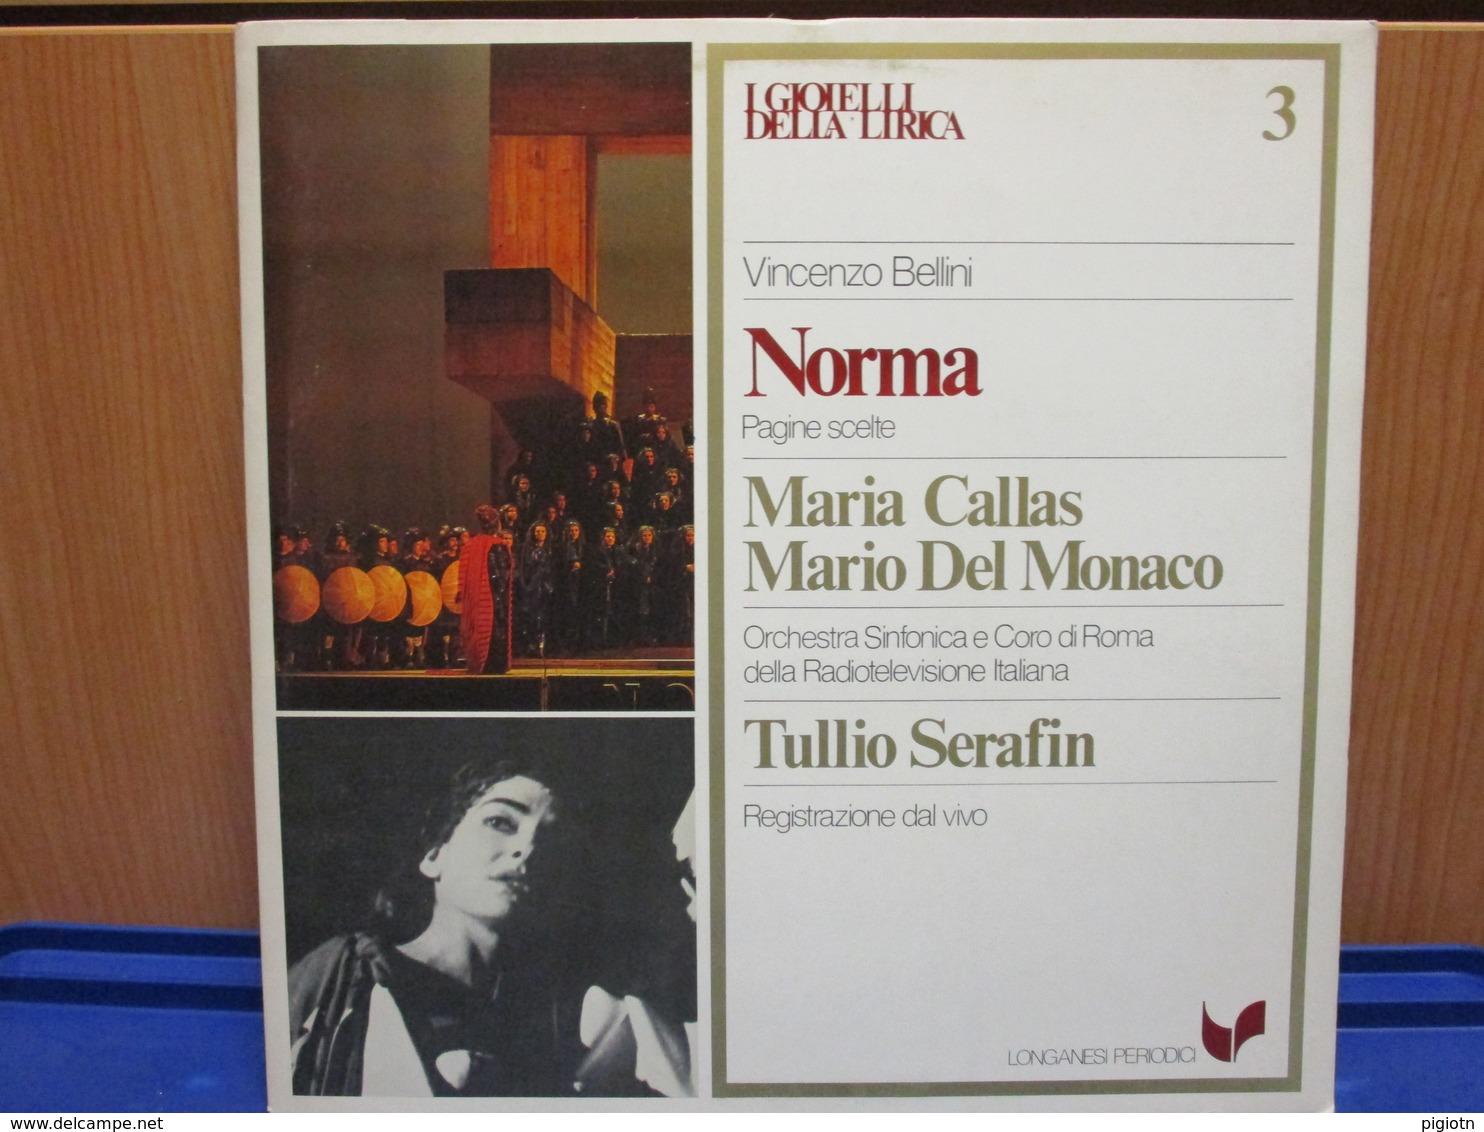 LP038-I GIOIELLI DELLA LIRICA -NORMA- N. 3 - MARIA CALLAS-MARIO DEL MONACO - Opera